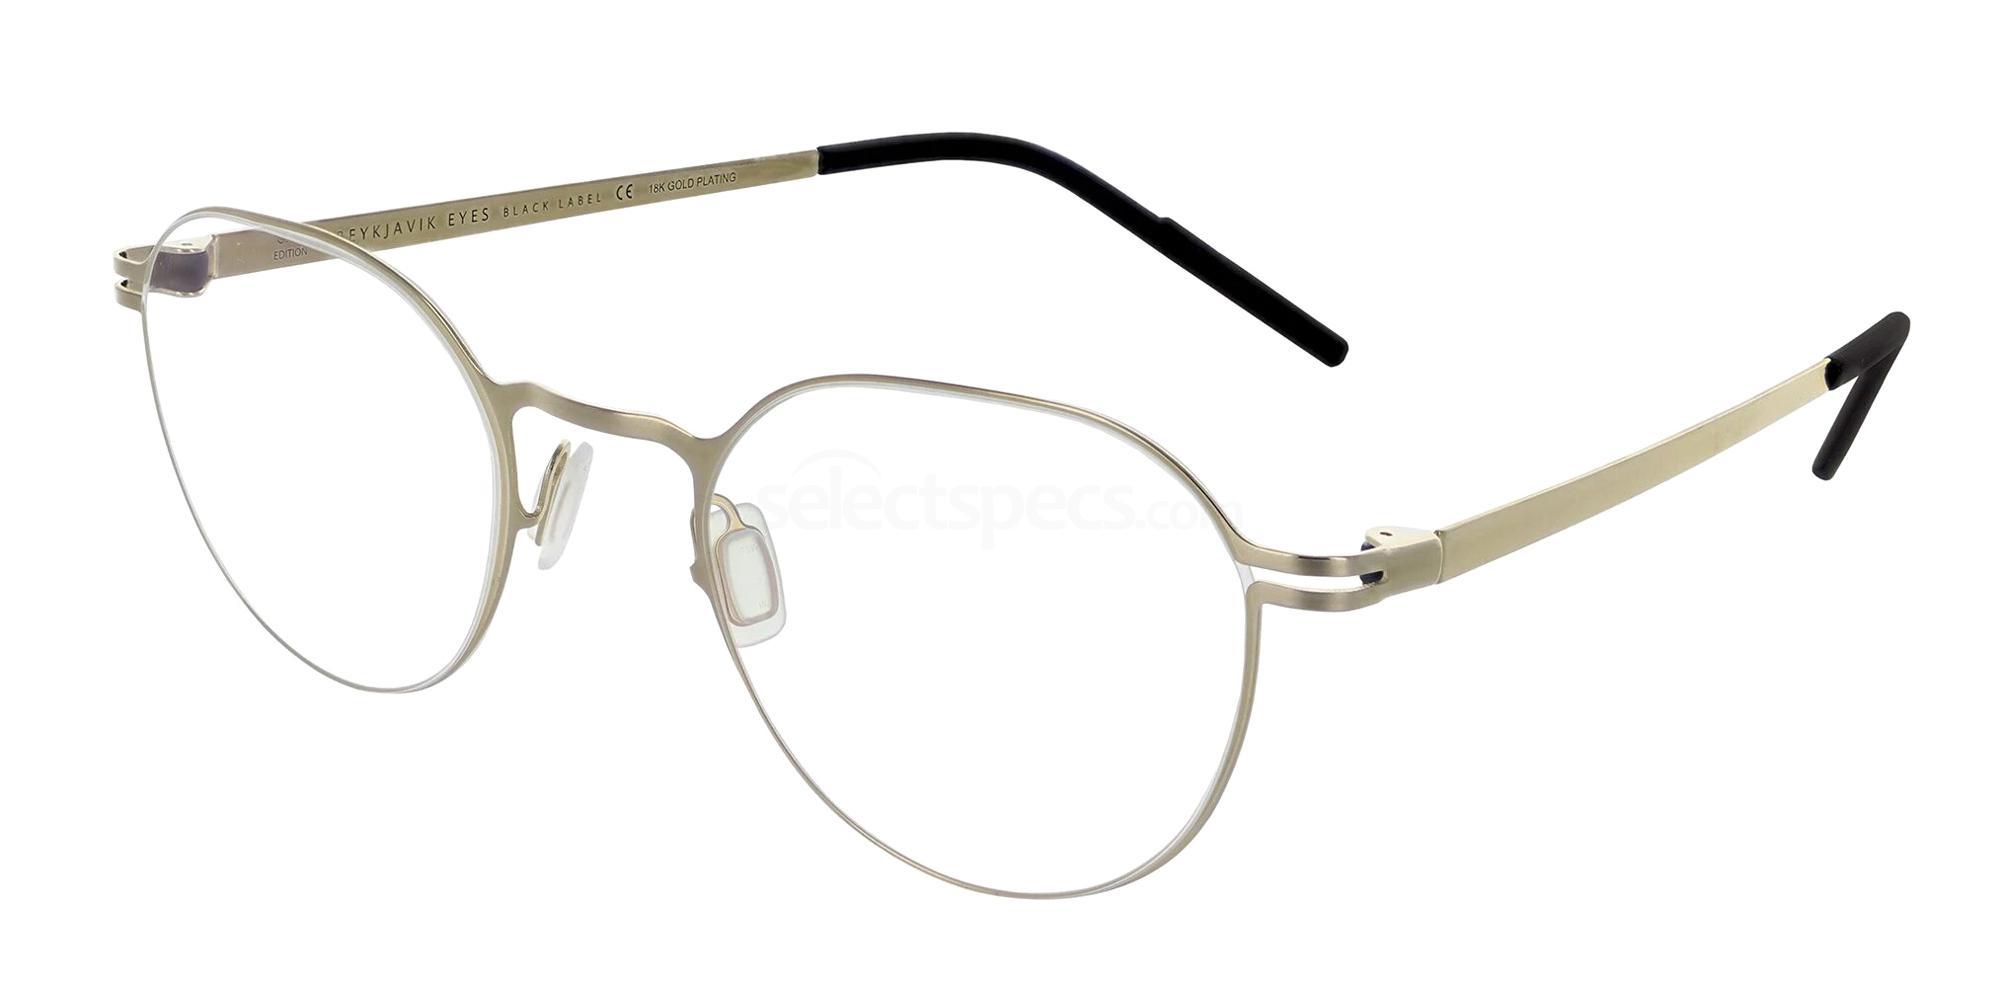 REG/SUR1 SURTSEY GOLD EDITION Glasses, Reykjavik Eyes Black Label